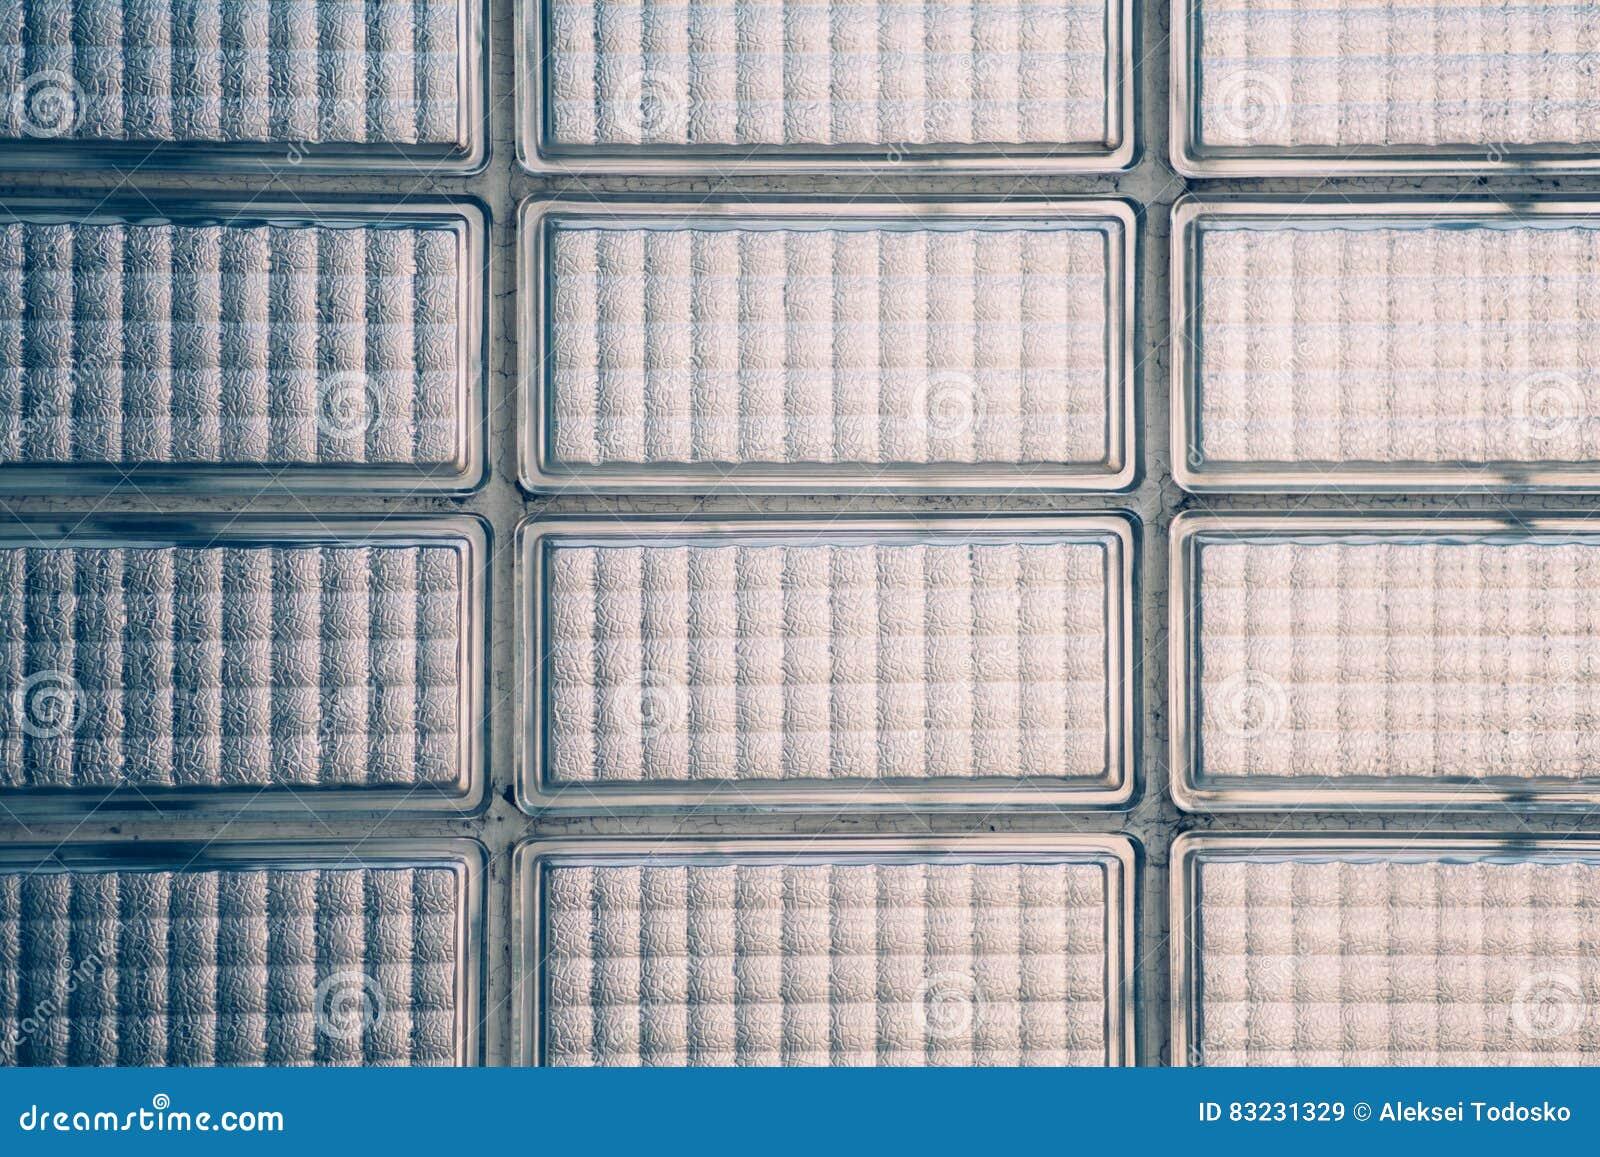 Wand von Glasbausteinen stockbild. Bild von clear, unschärfe - 83231329